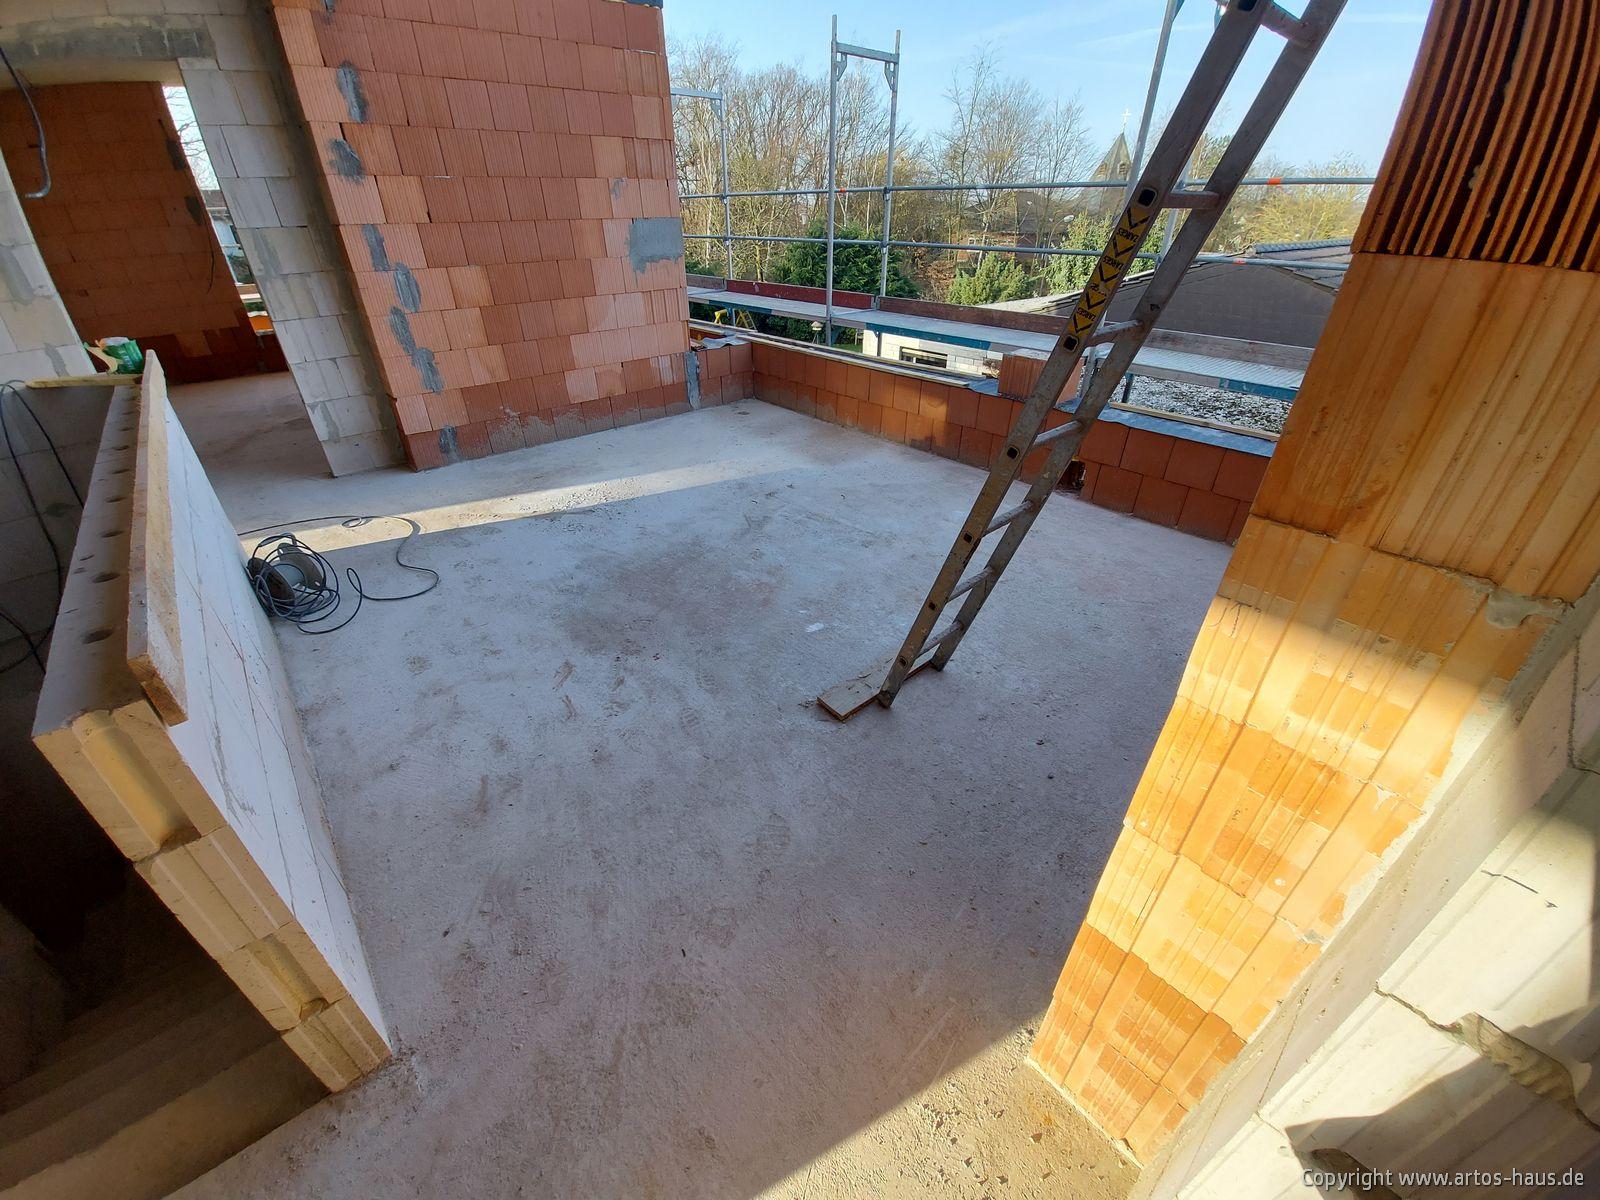 Rohbau Baustelle im Februar 2021 ARTOS HAUS Bild 2